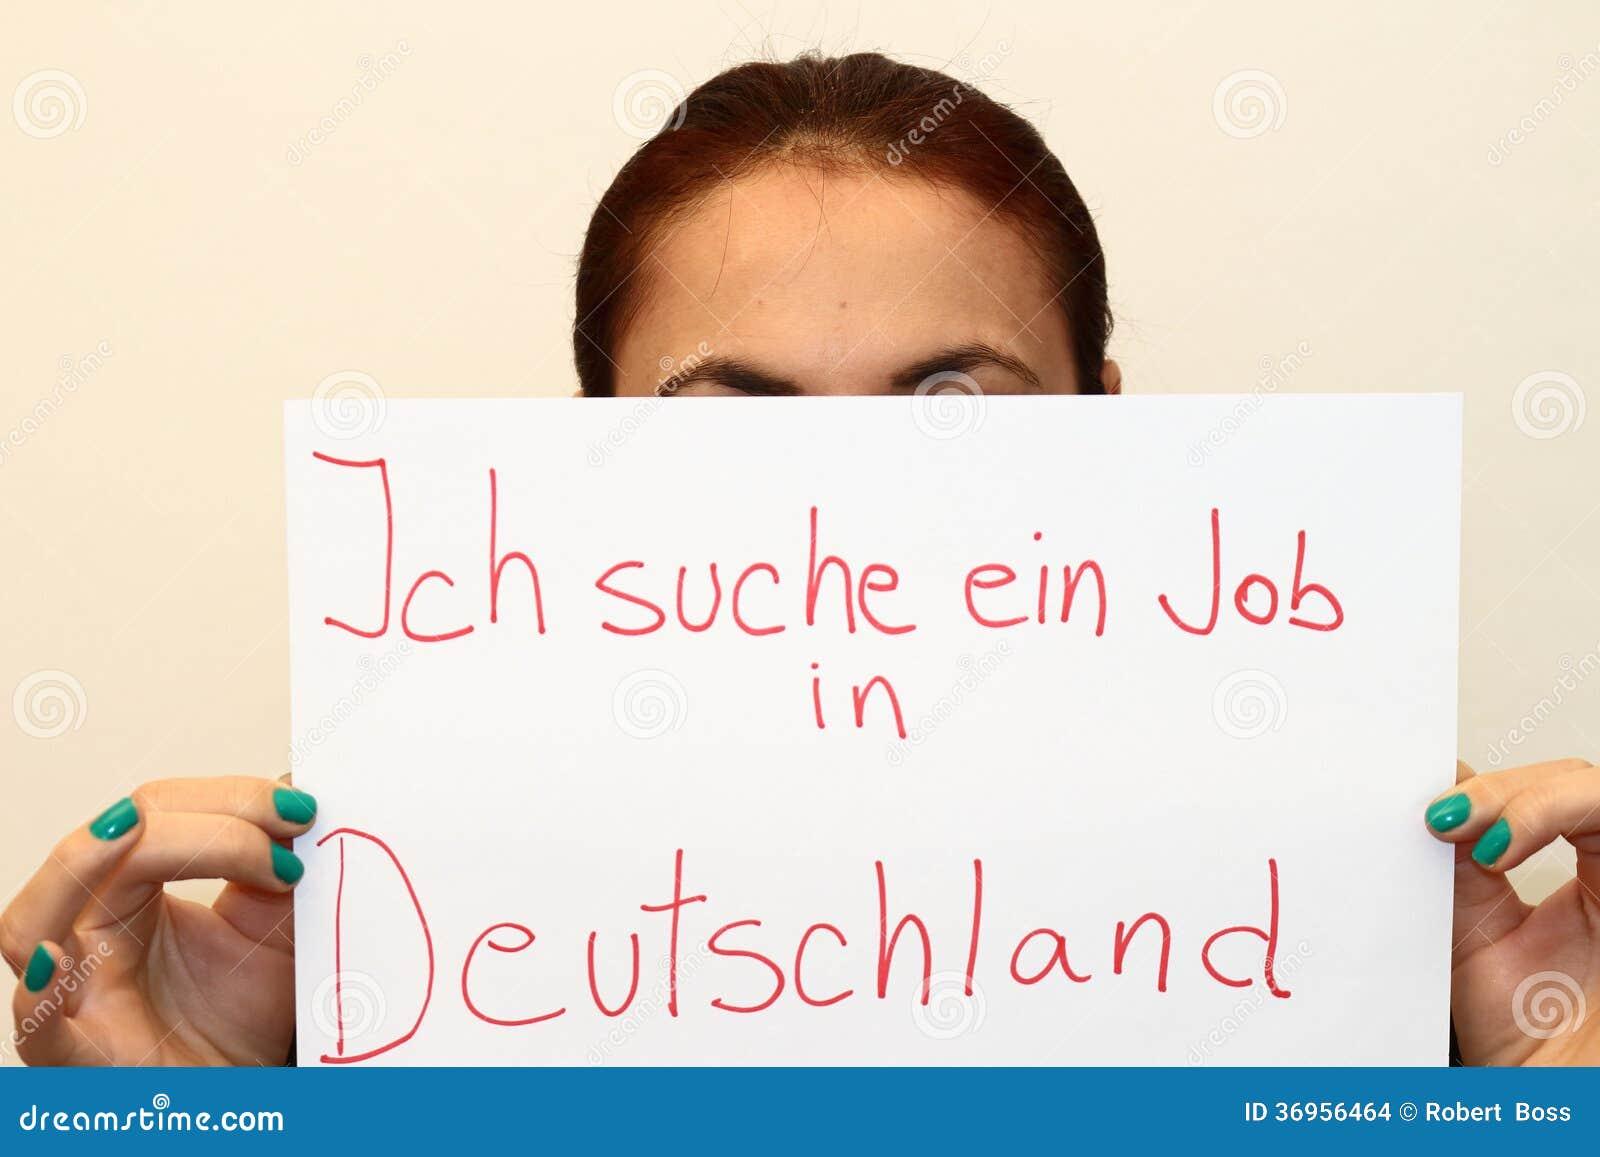 söka jobb i tyskland